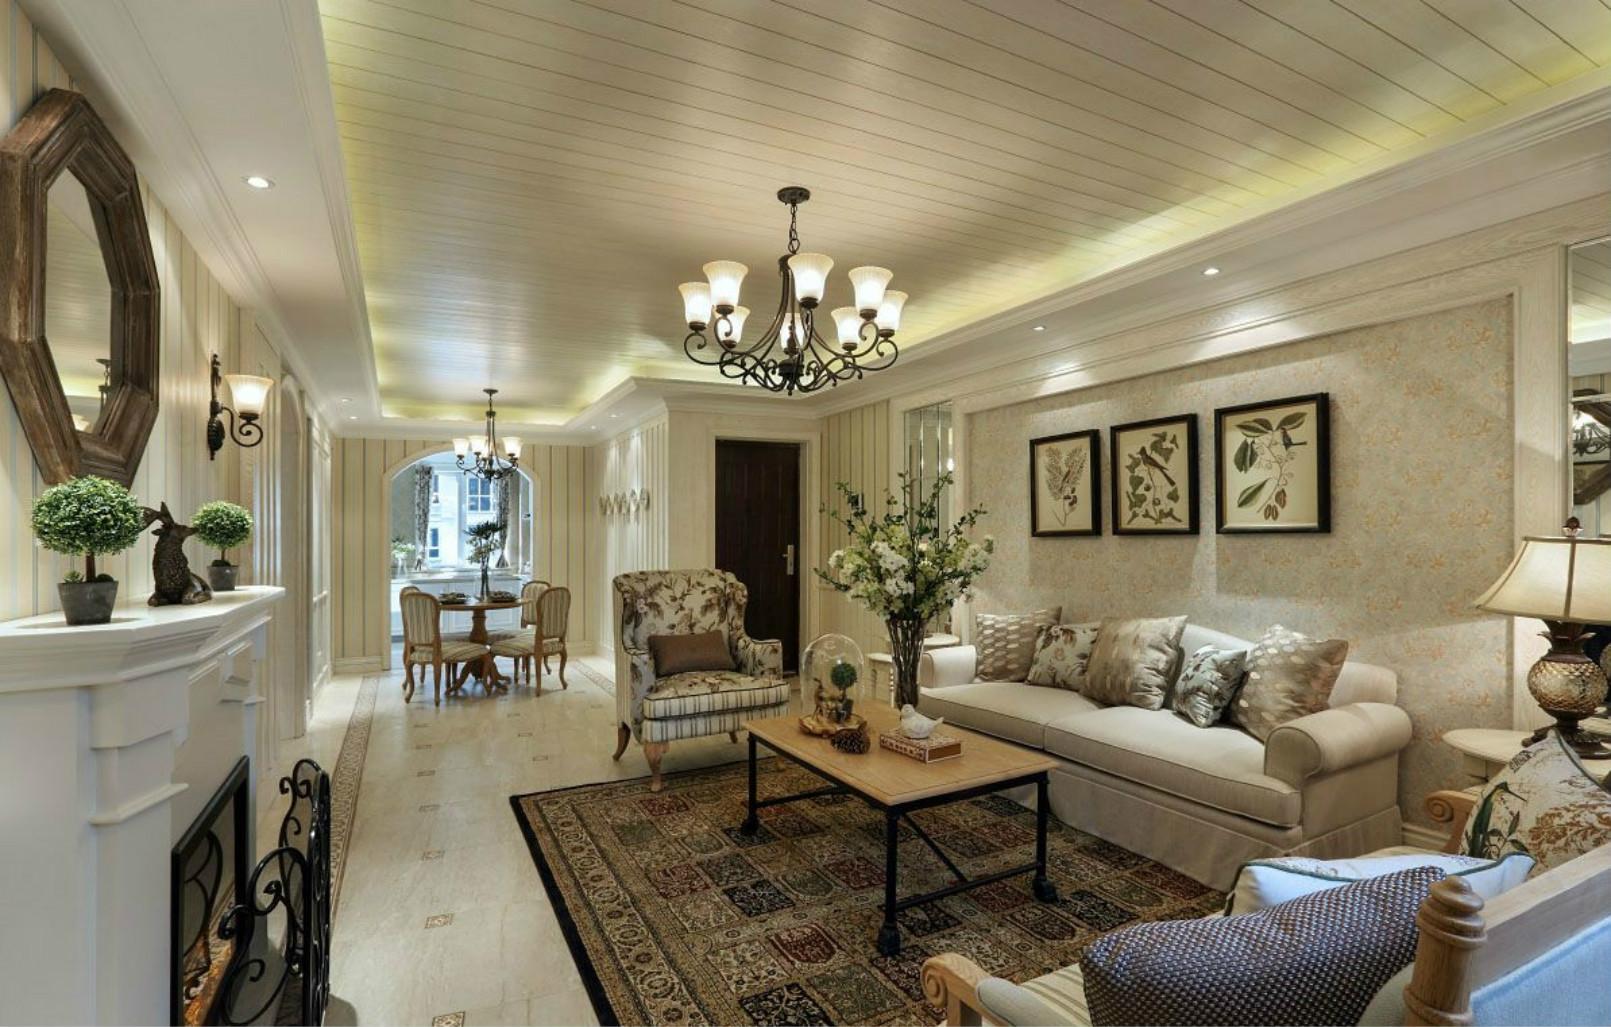 这个角度可以清晰的看到客厅和厨房没有遮挡,是开放式的,显得空间格外宽敞